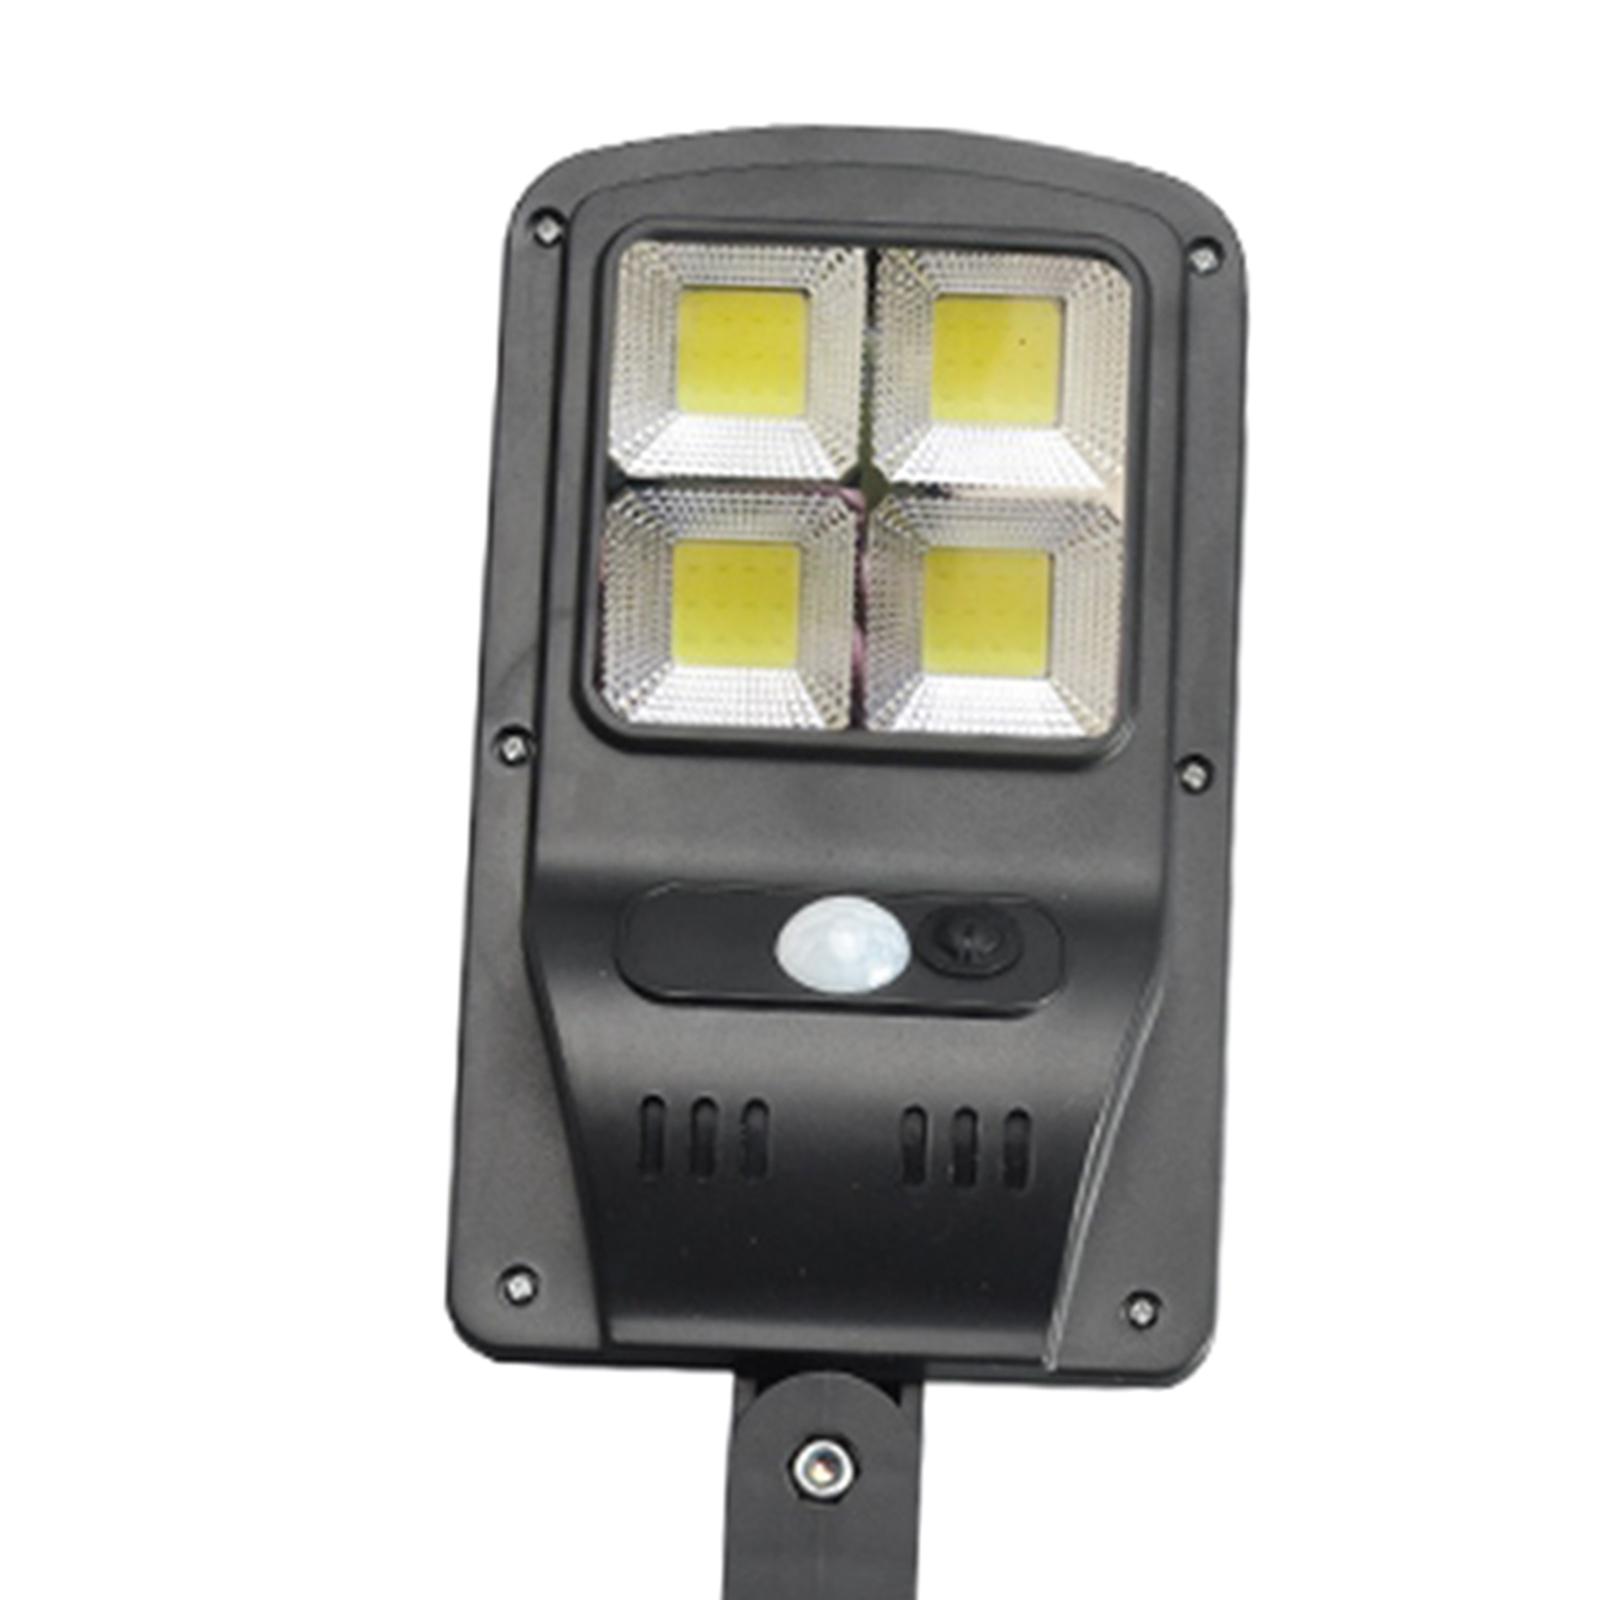 Corps-de-reverbere-a-LED-a-energie-solaire-detectant-la-lumiere miniatura 7